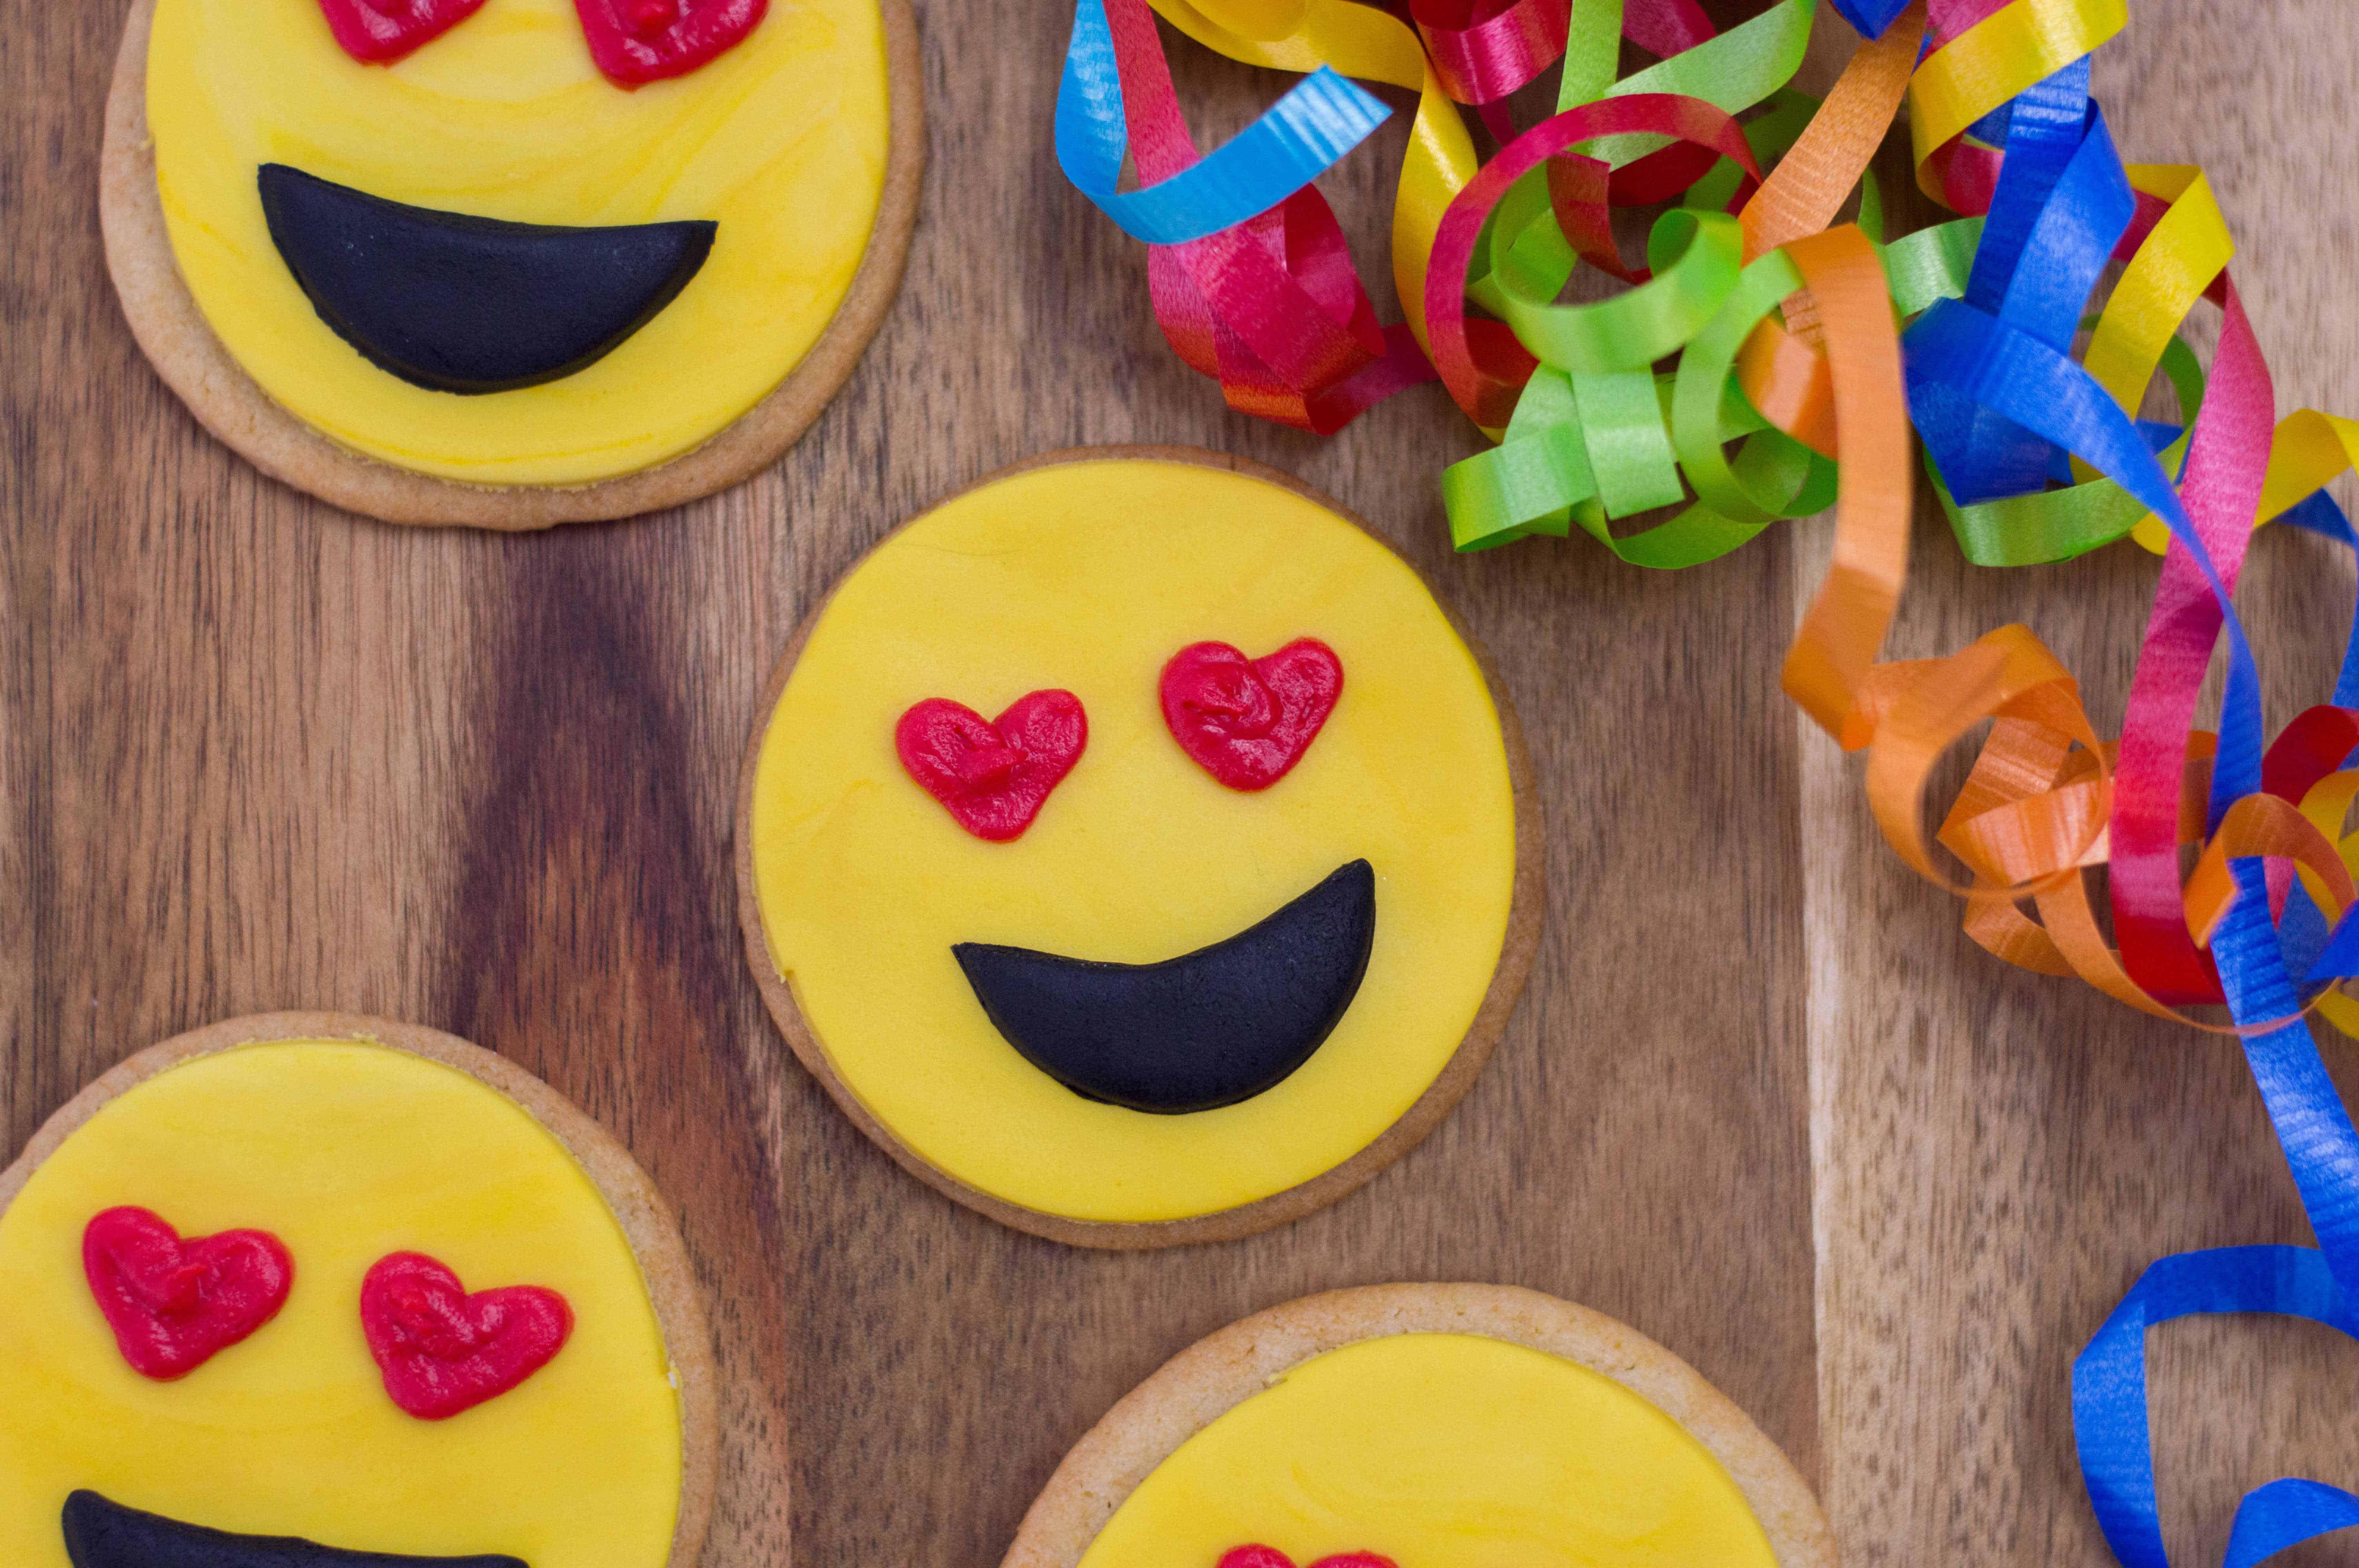 Emoji valentines cookies